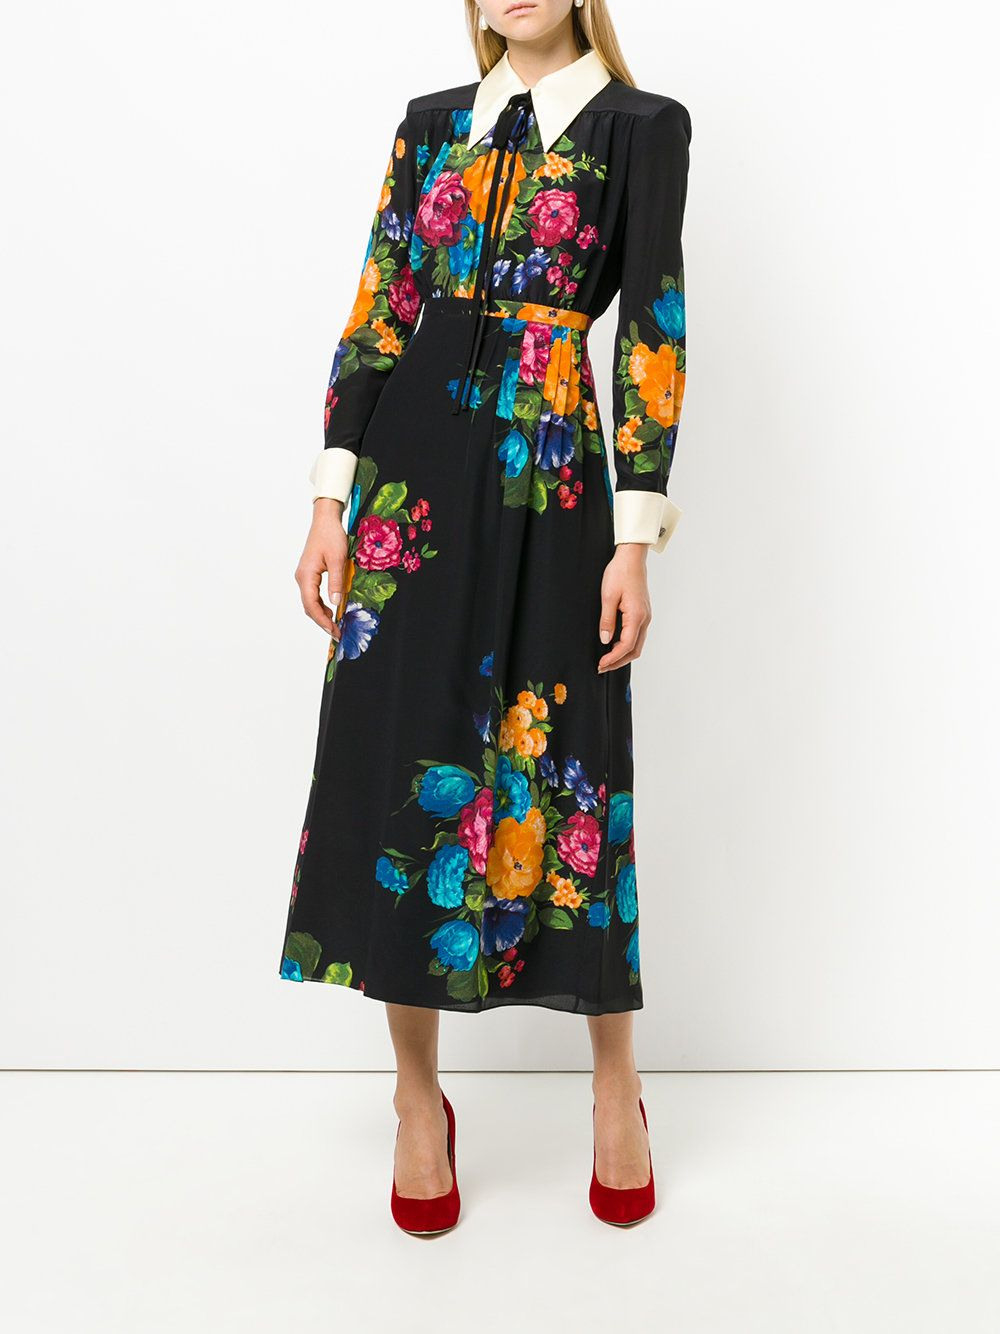 10 Leicht Gucci Abendkleid SpezialgebietDesigner Genial Gucci Abendkleid Stylish